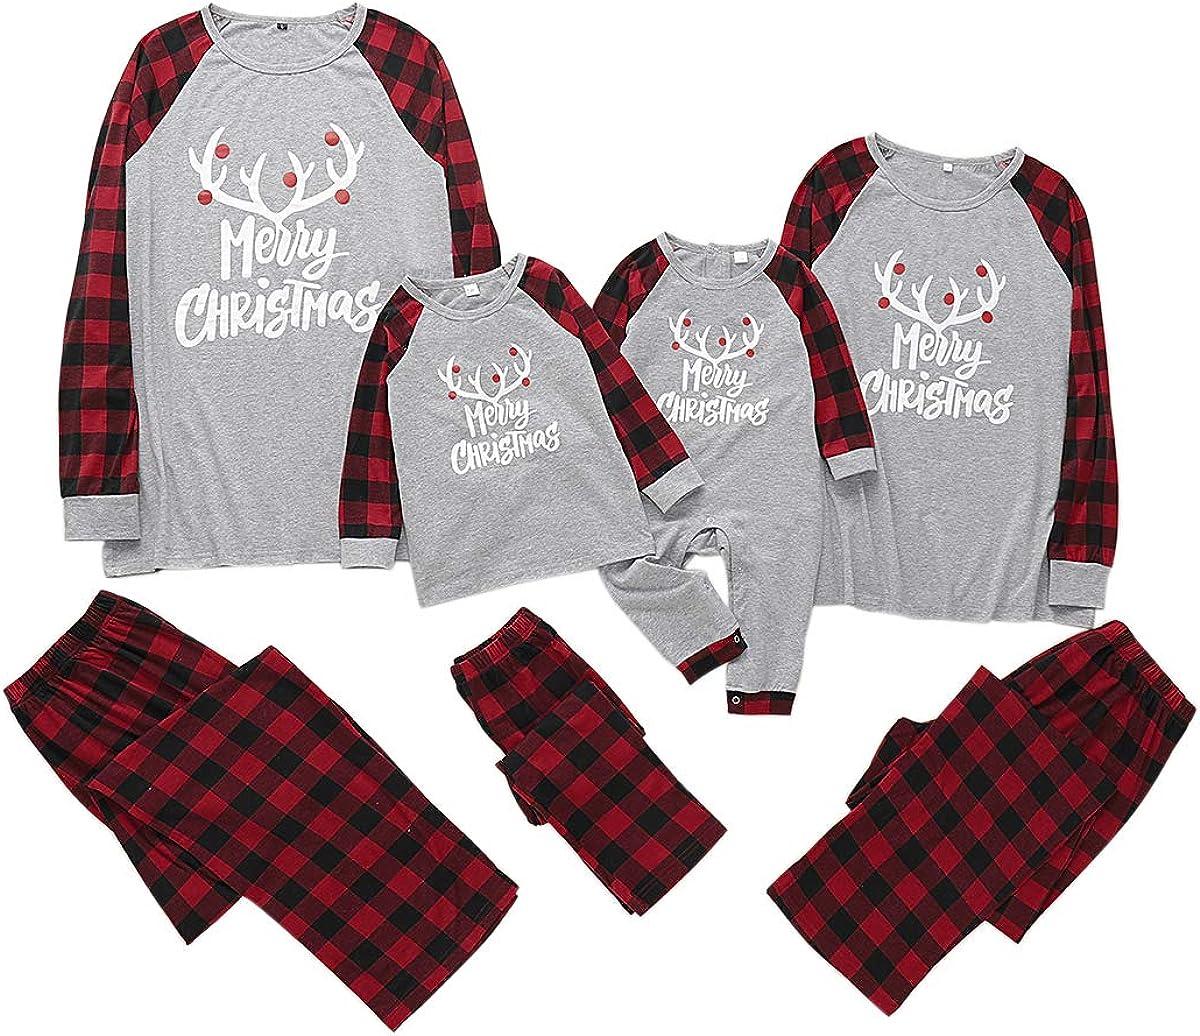 Borlai Pijamas Navidad para Familias Invierno Otoño Top+Pantalones Ropa de Dormir para Mamá Papá Niños Bebé Conjuntos Navideños de Algodón